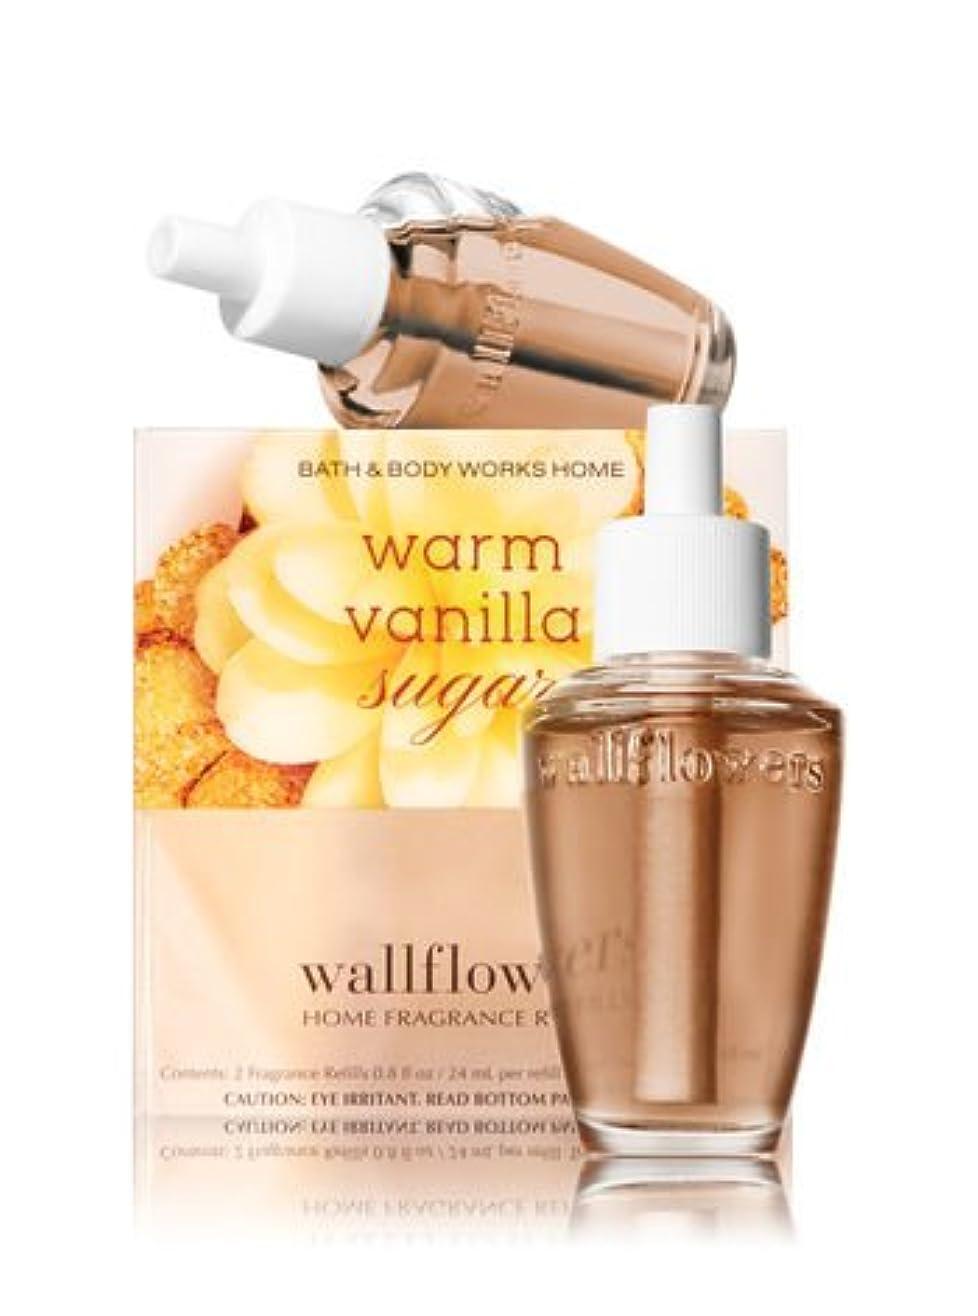 ボート判決乳白【Bath&Body Works/バス&ボディワークス】 ルームフレグランス 詰替えリフィル(2個入り) ウォームバニラシュガー Wallflowers Home Fragrance 2-Pack Refills Warm Vanilla Sugar [並行輸入品]